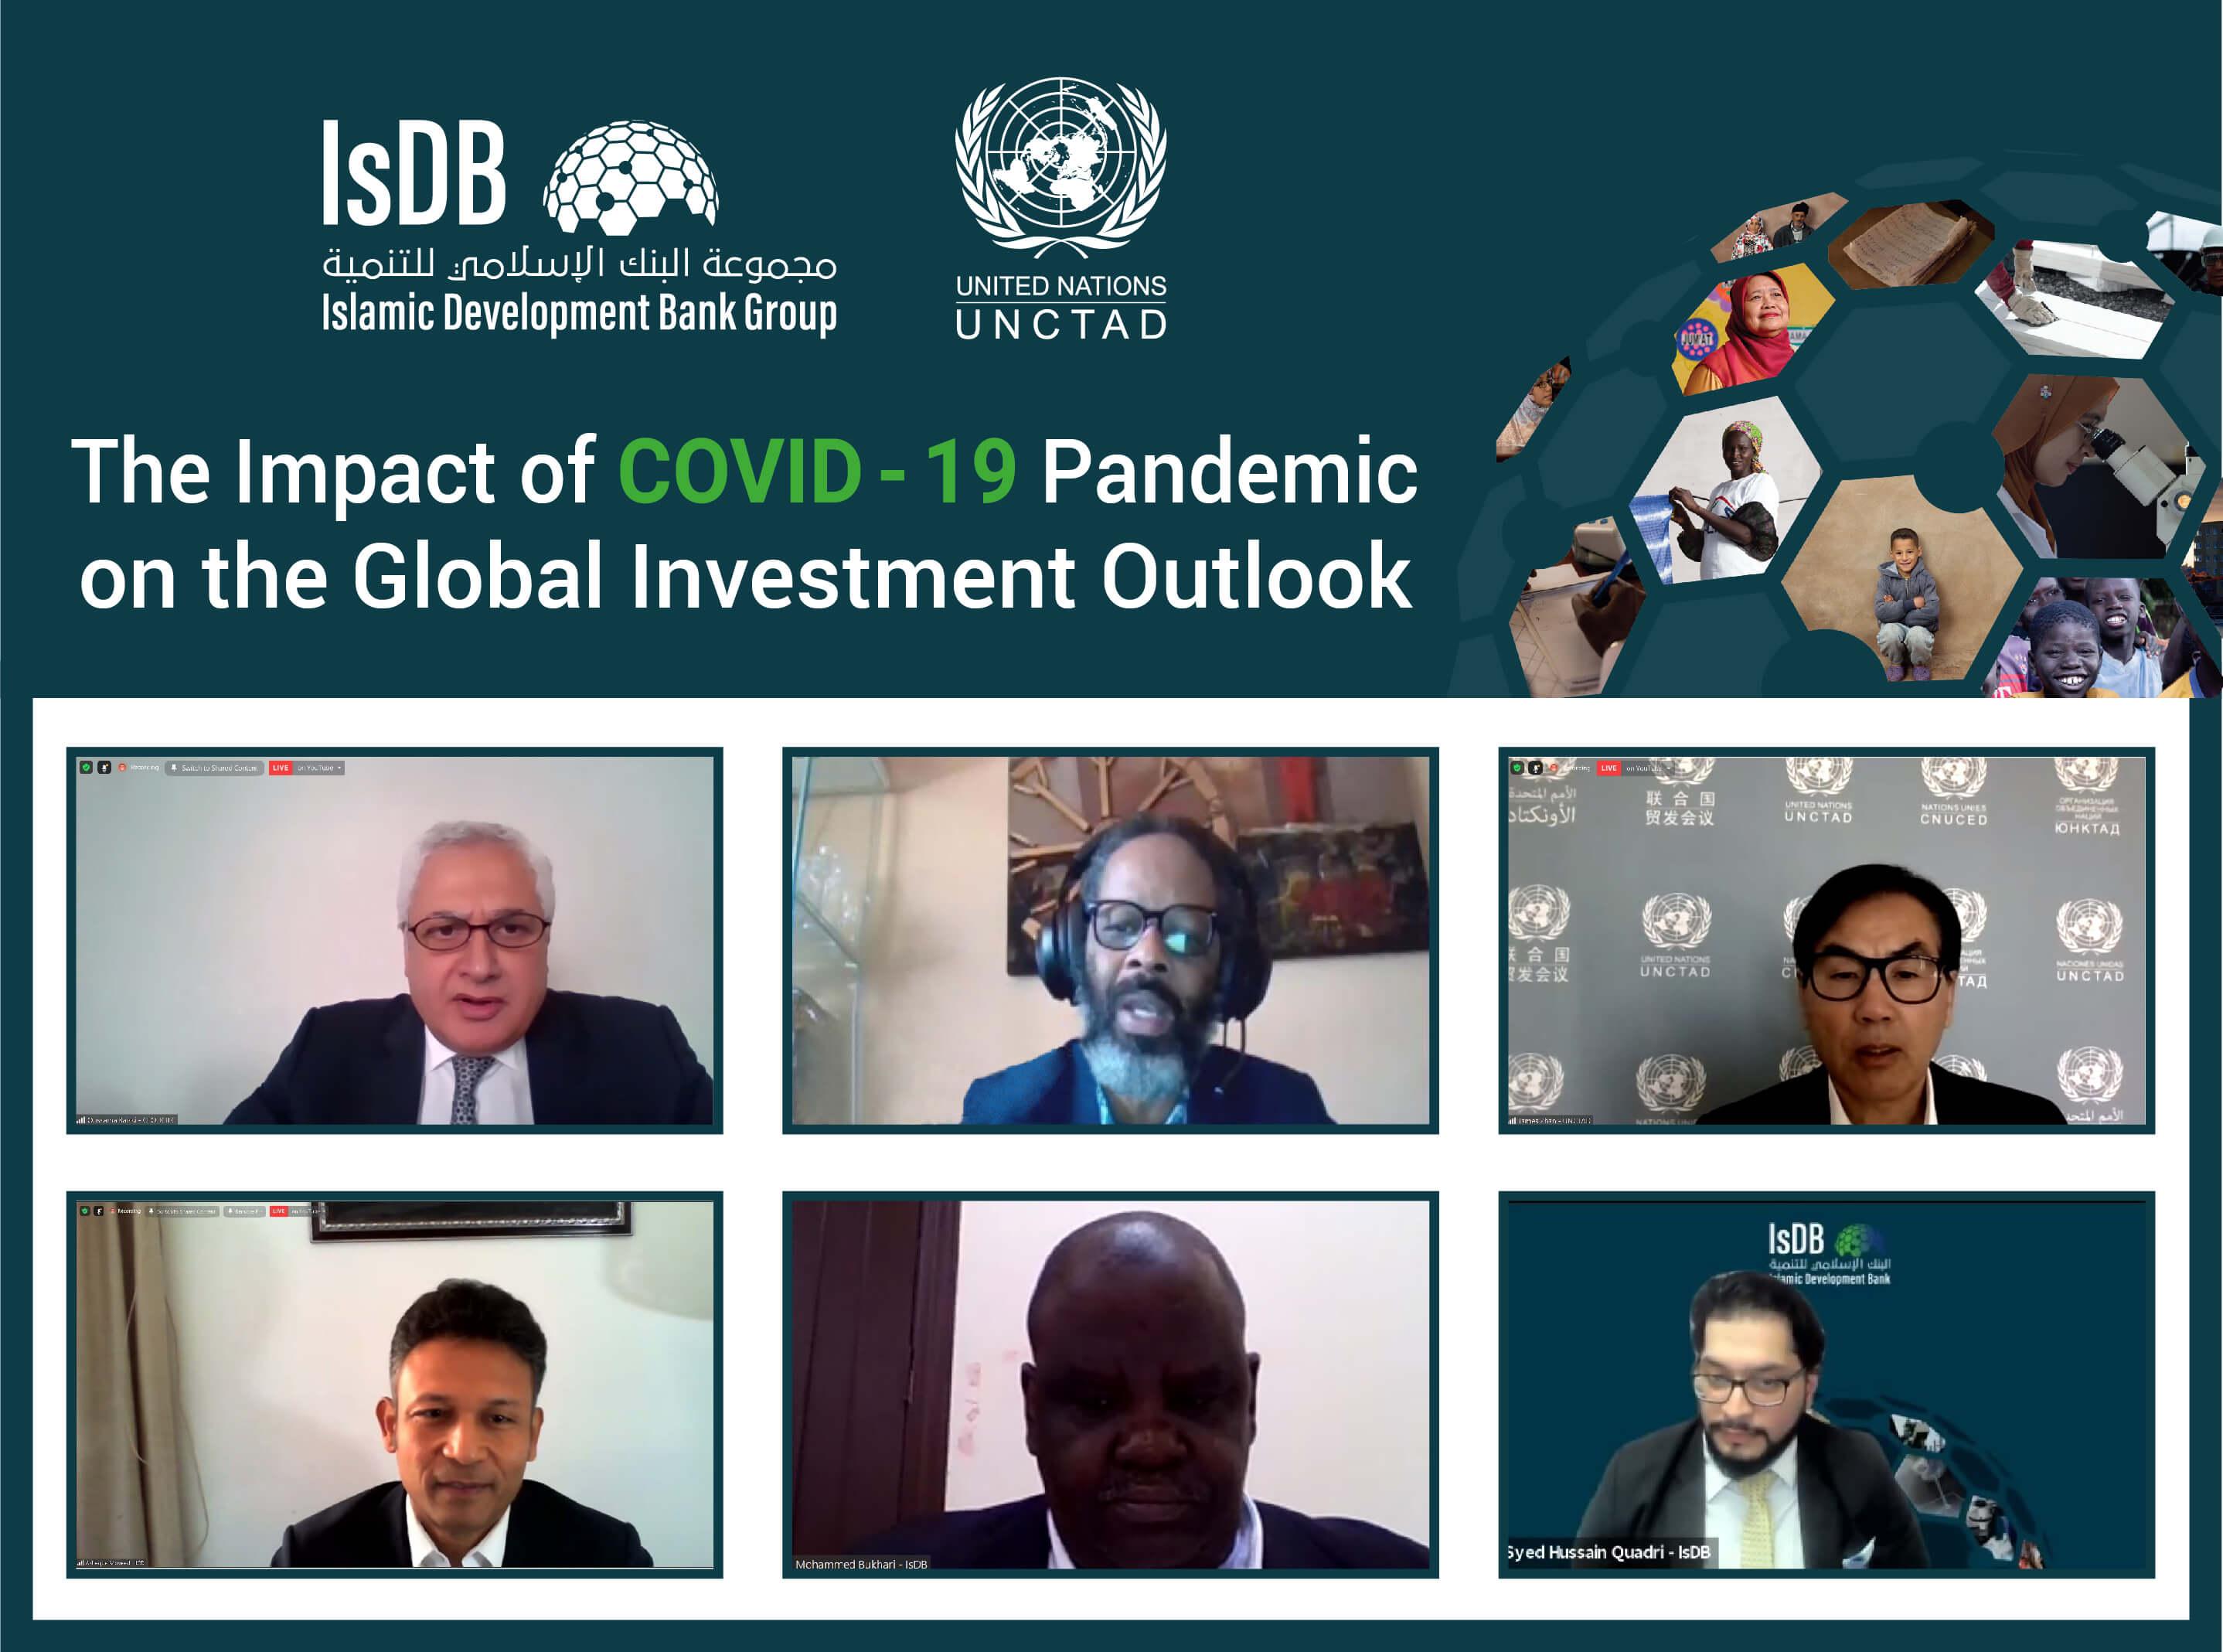 مجموعة البنك الإسلامي للتنمية وبالتعاون مع مؤتمر الأمم المتحدة للتجارة والتنمية (الأونكتاد) تنظم ندوة عبر الإنترنت بشأن تأثير جائحة COVID-19 على آفاق الاستثمار